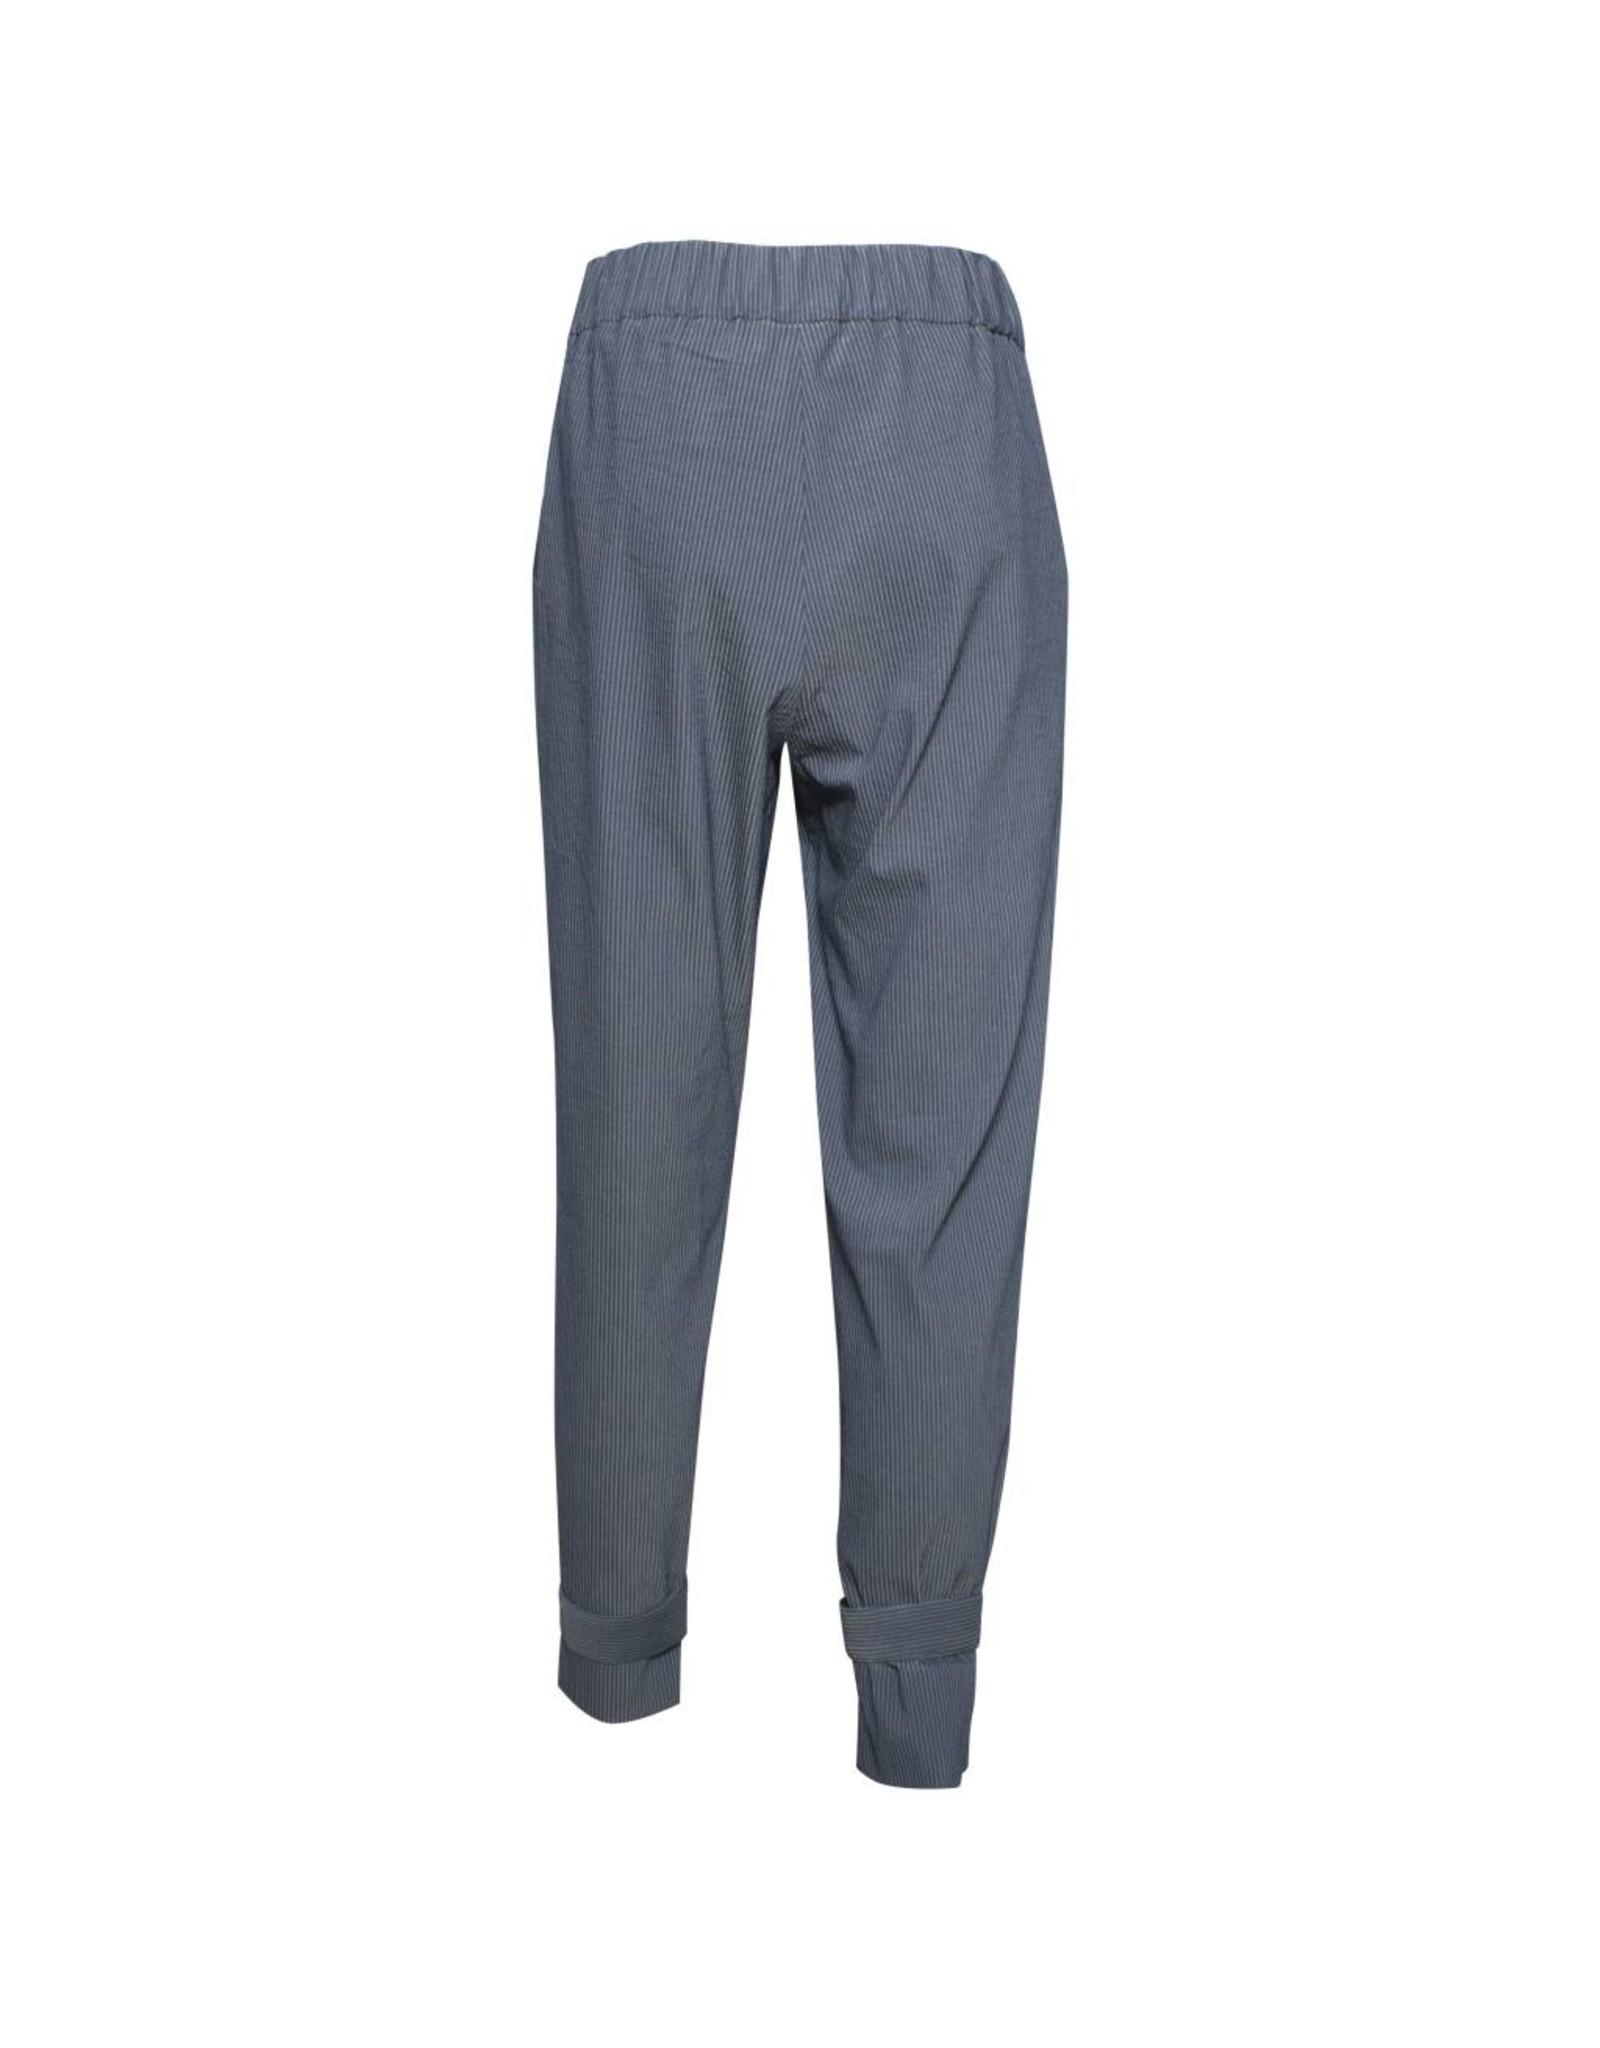 Crea Concept Crea Concept Snap Bottom Pants - Stripe